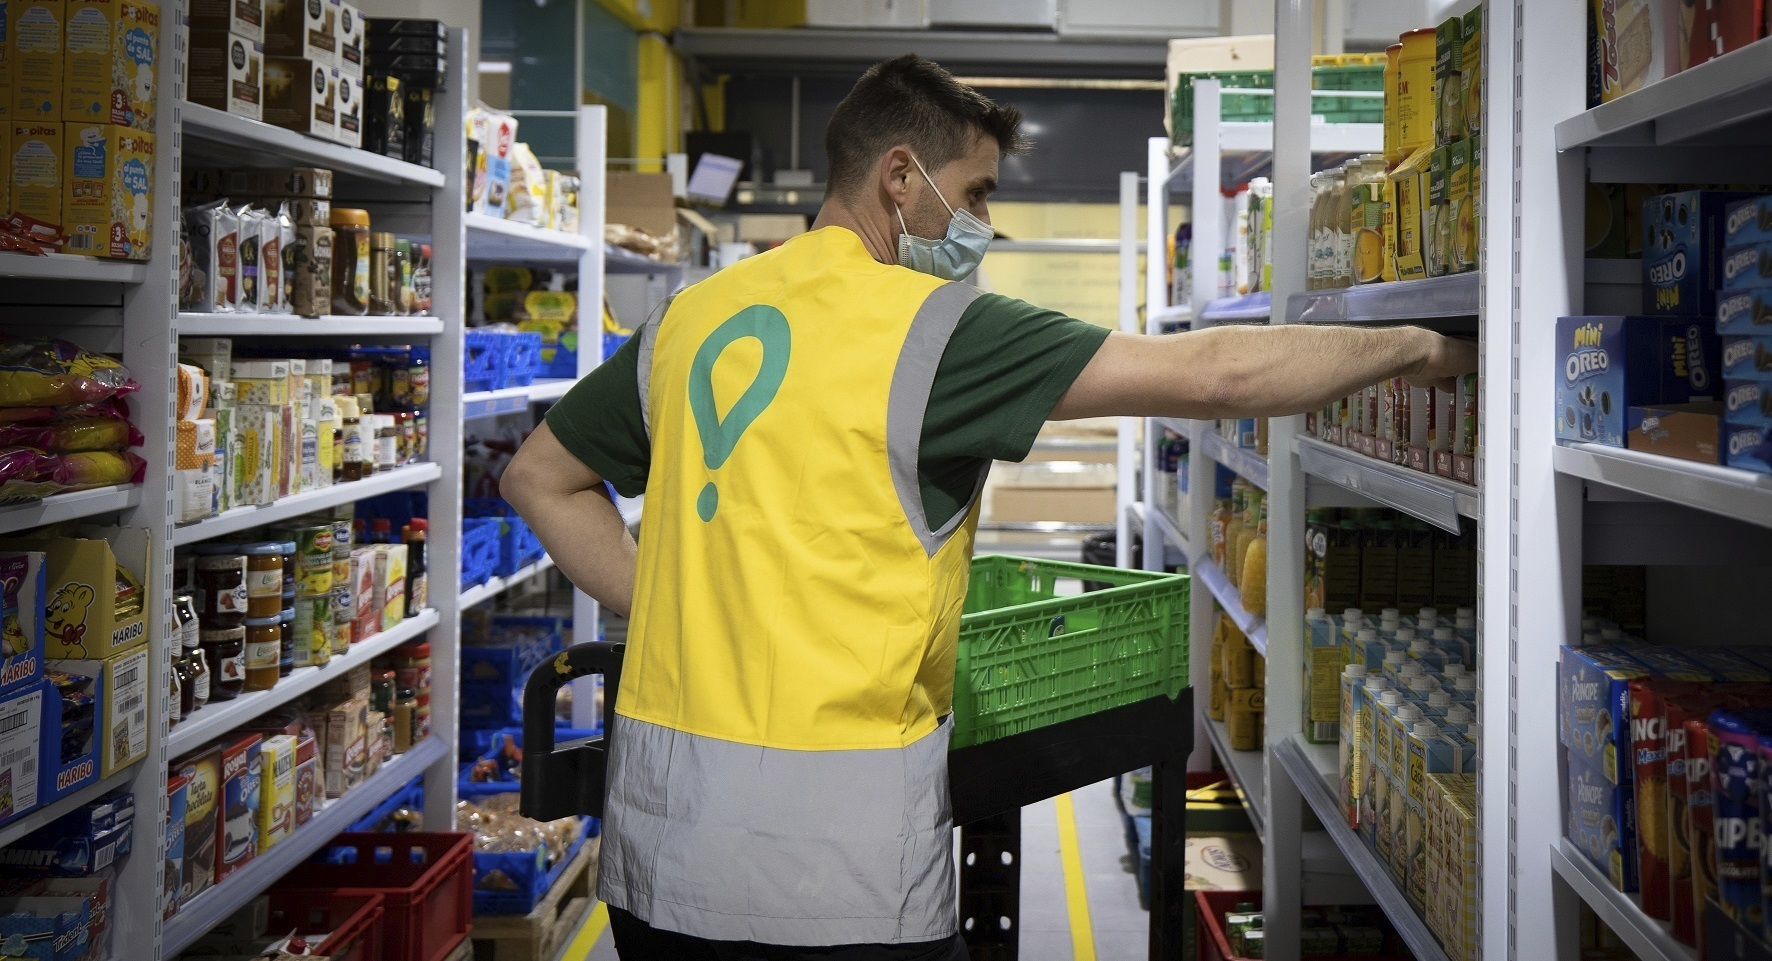 Uno de los almacenes para compras de conveniencia de Glovo, que formarán parte clave de su estrategia de entregas ultrarrápidas.